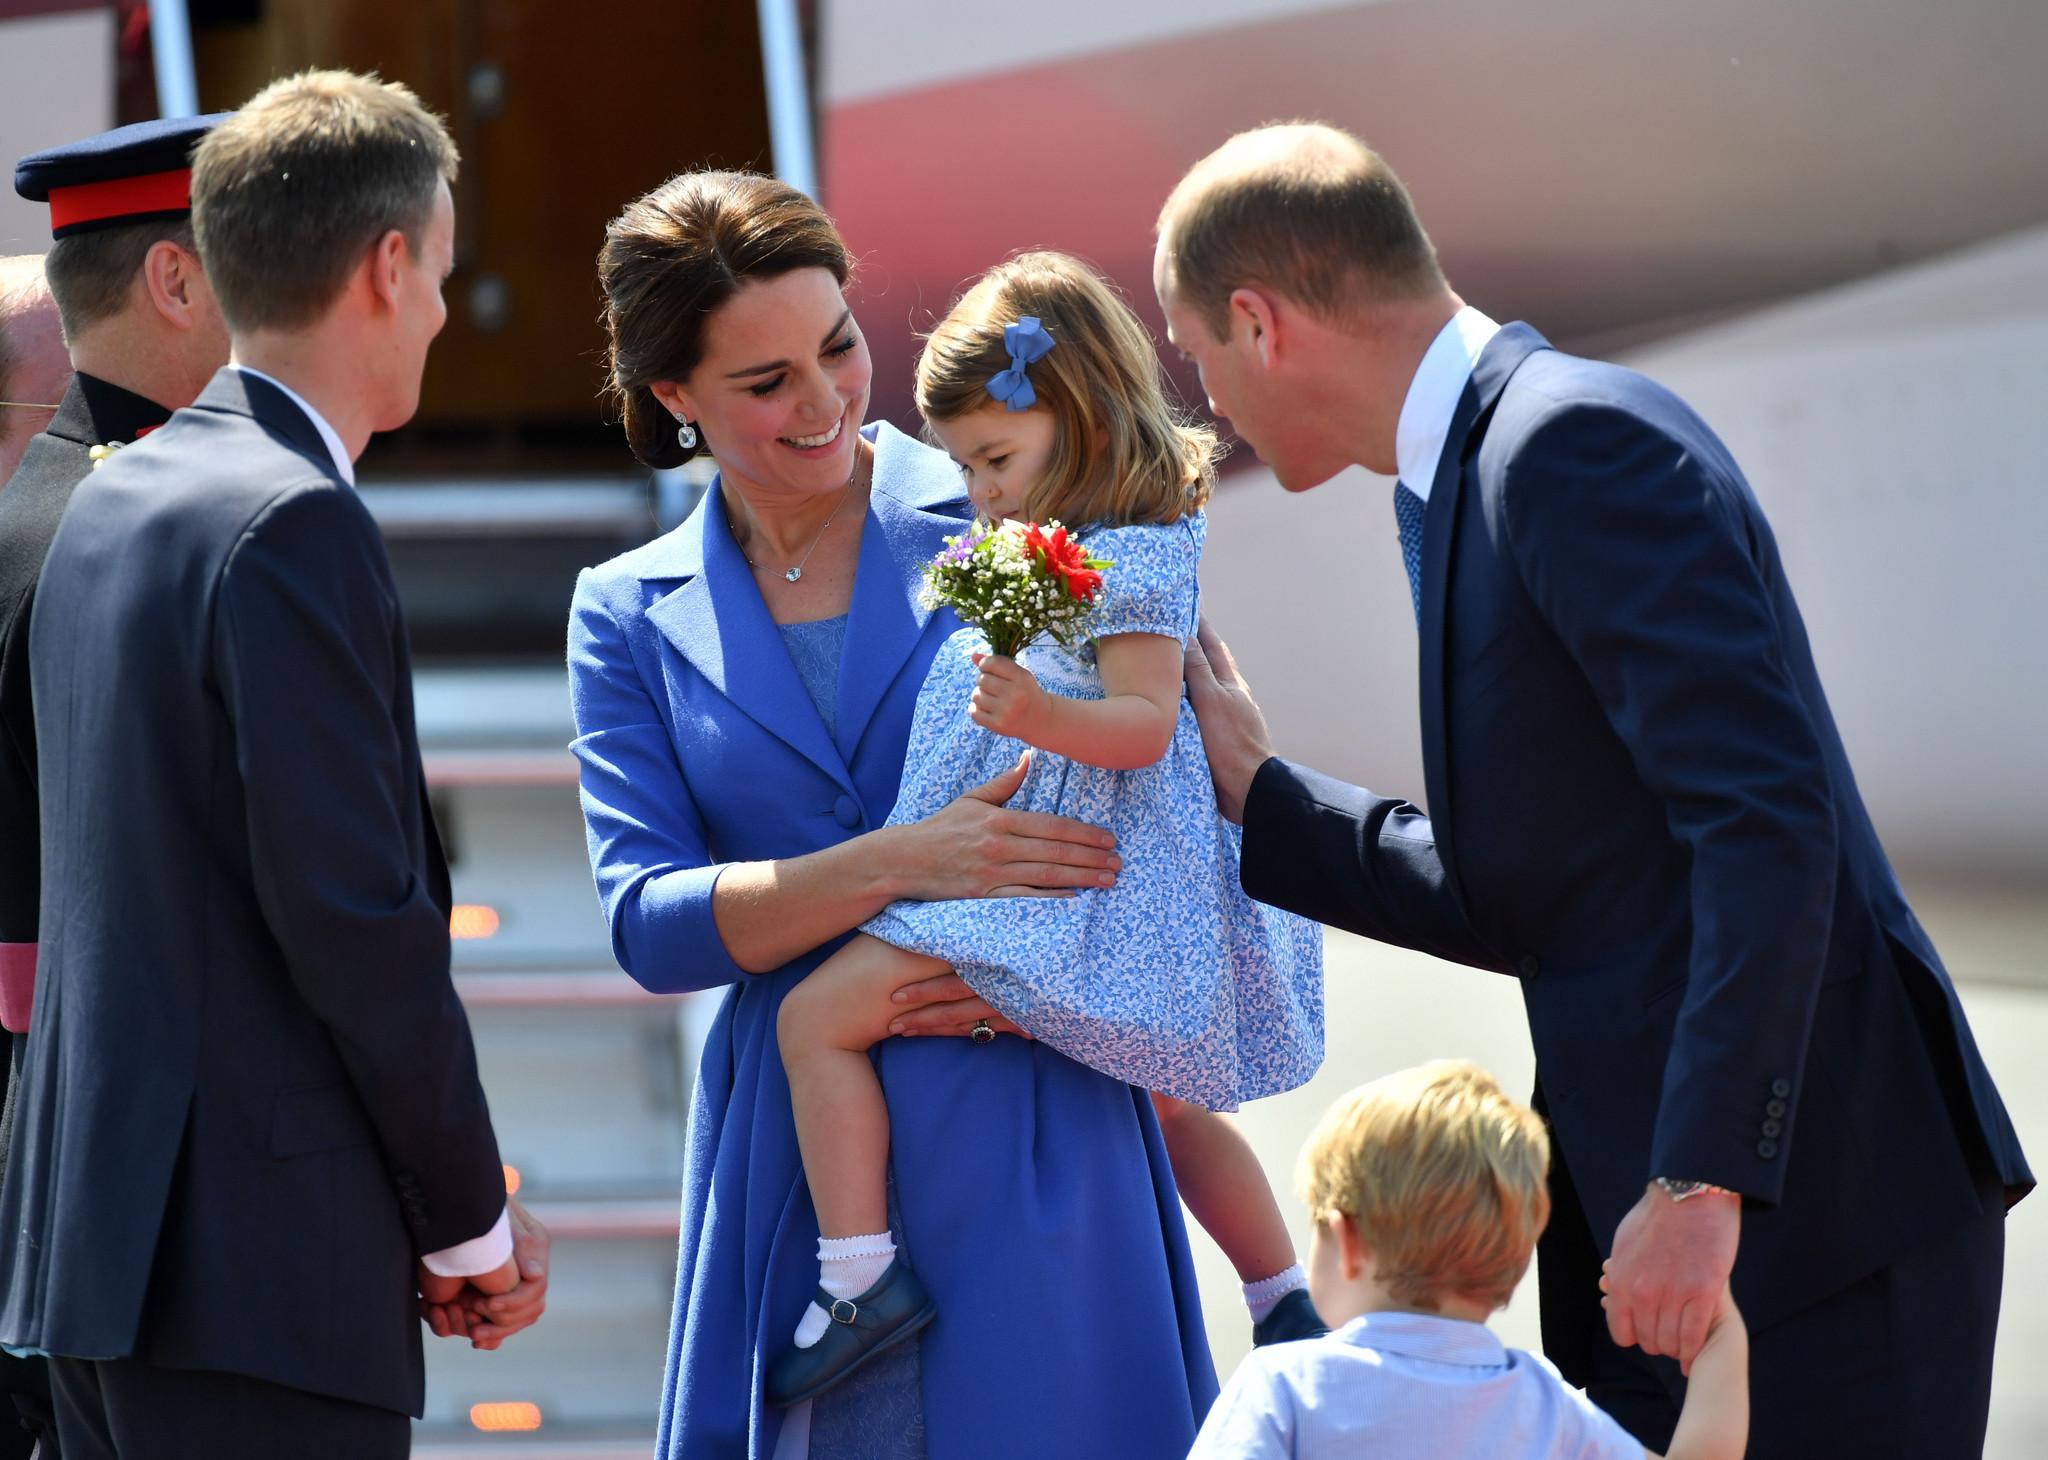 Tiểu công chúa Charlotte và công nương Kate Middleton mặc đồ màu xanh dương